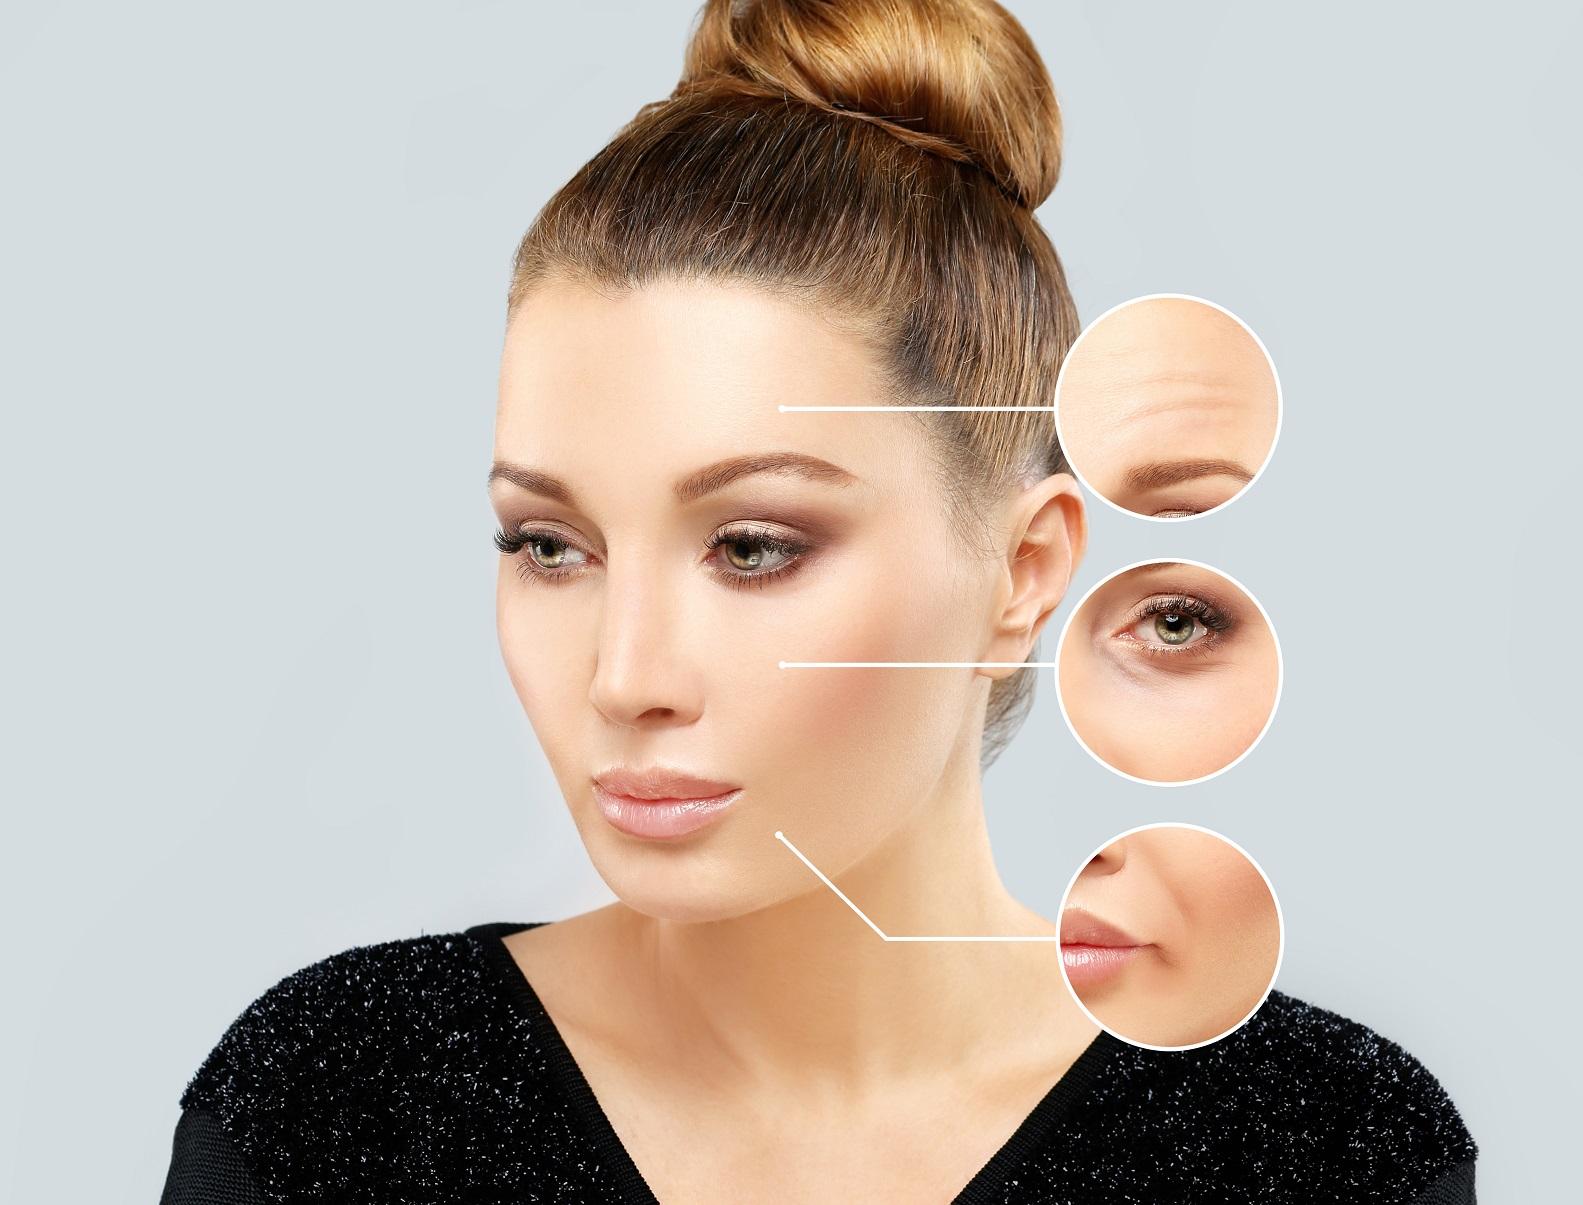 تجاعيد محيط العينين تشير إلى مشاكل في الكلى